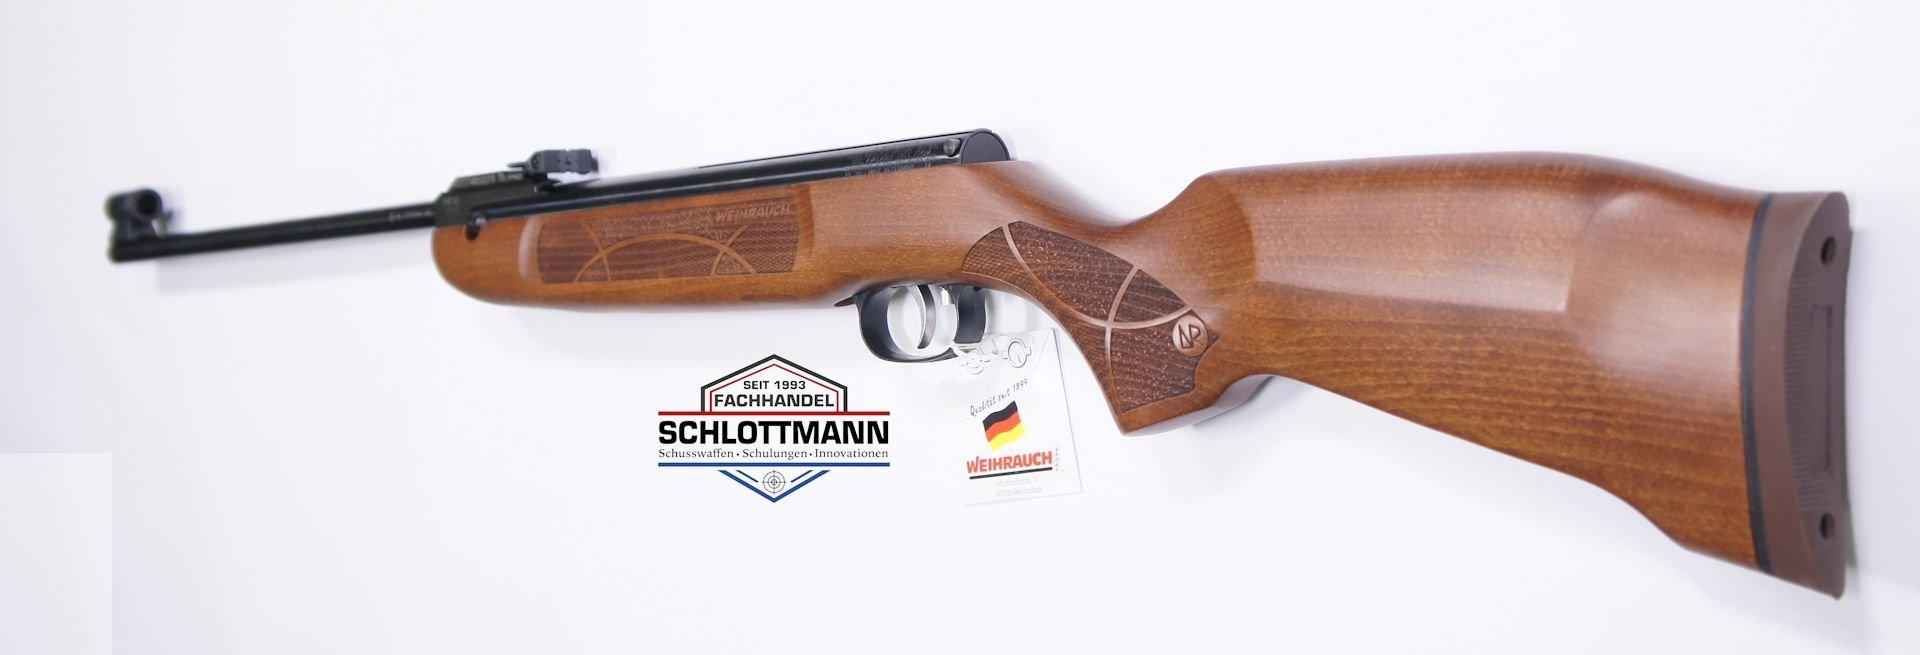 Weihrauch Luftgewehr HW 30 S